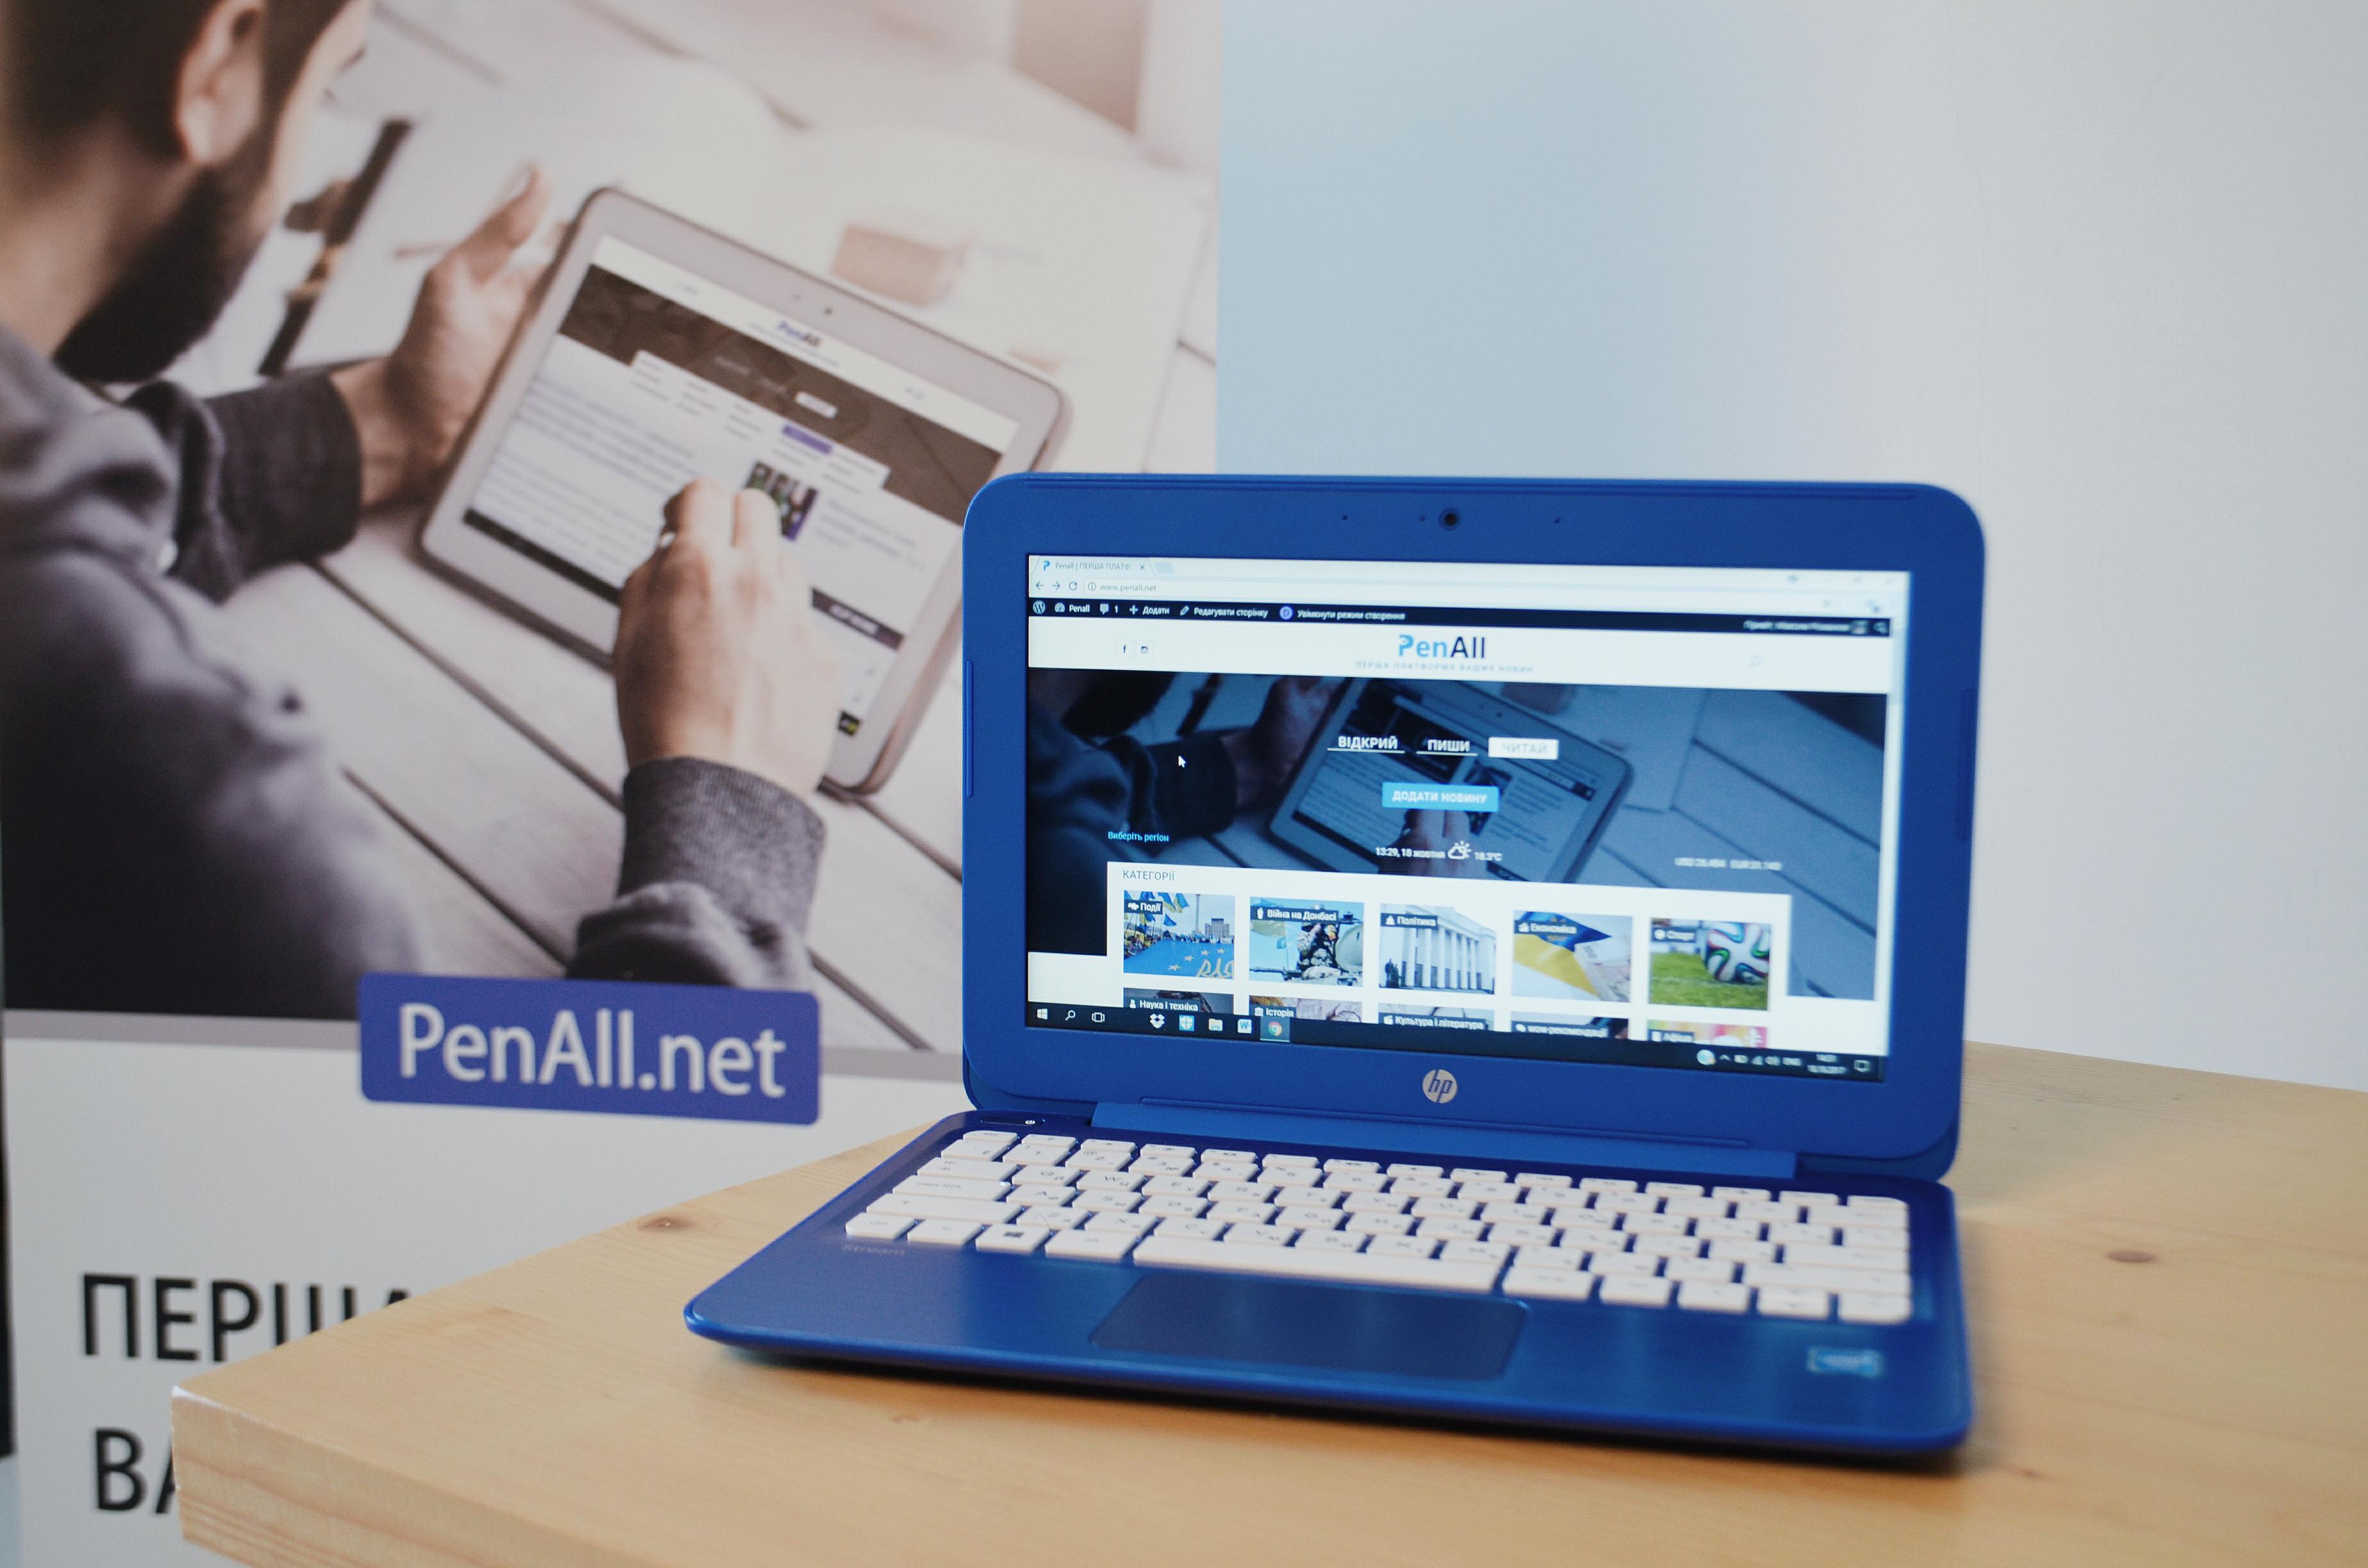 Відкрився стартап PenAll – перша українська платформа публікацій як журналістів-профі, так і новачків